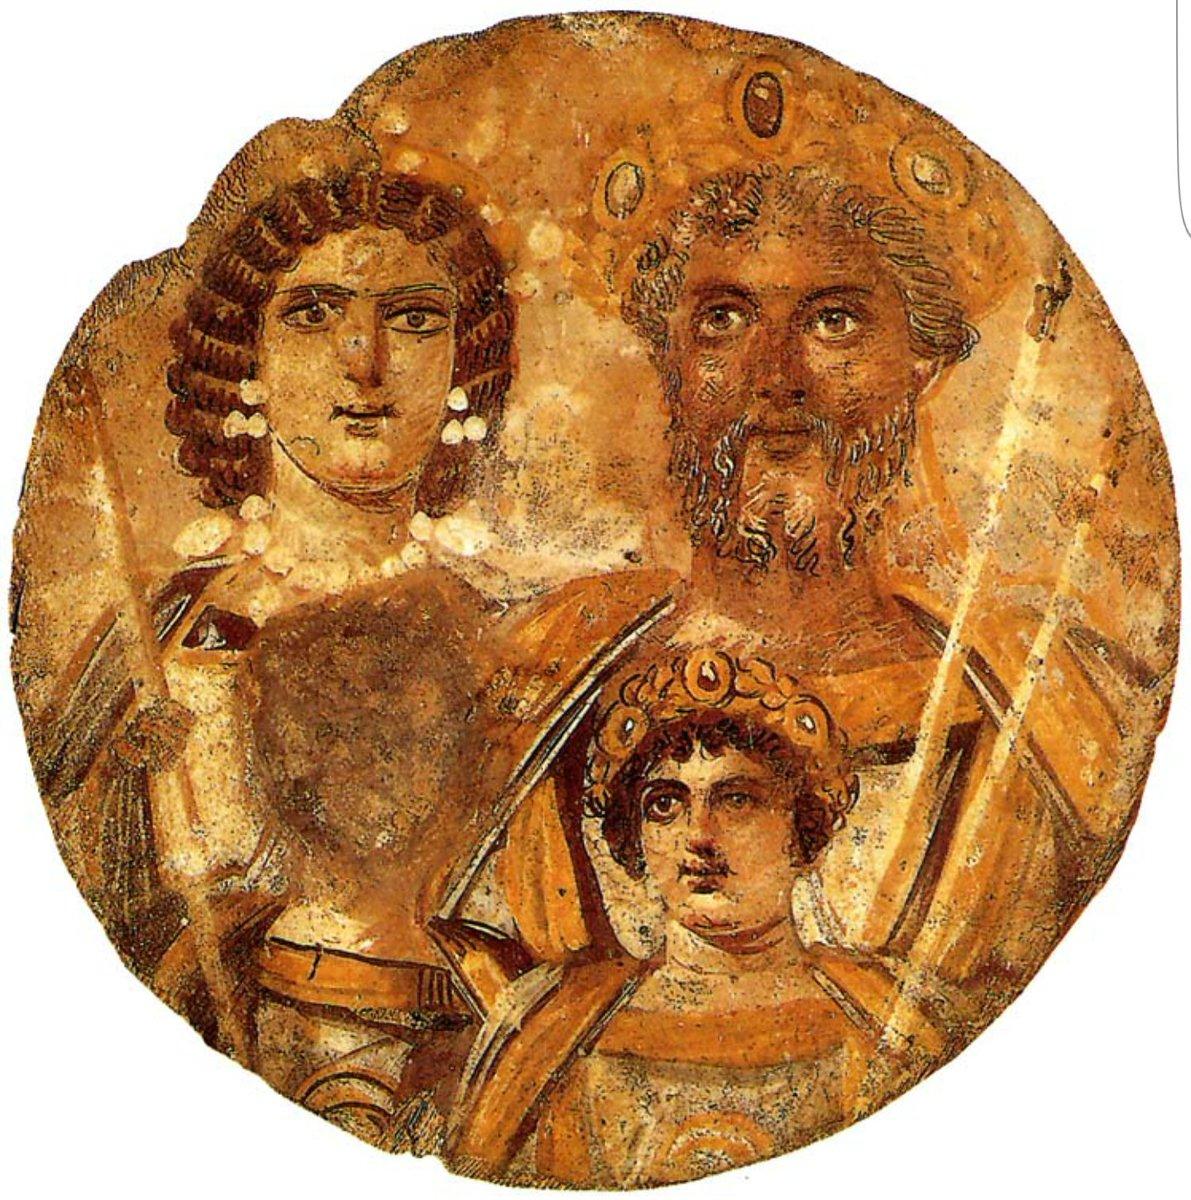 ابراهيم السماحي On Twitter صورة تجمع إمبراطور روما الليبي